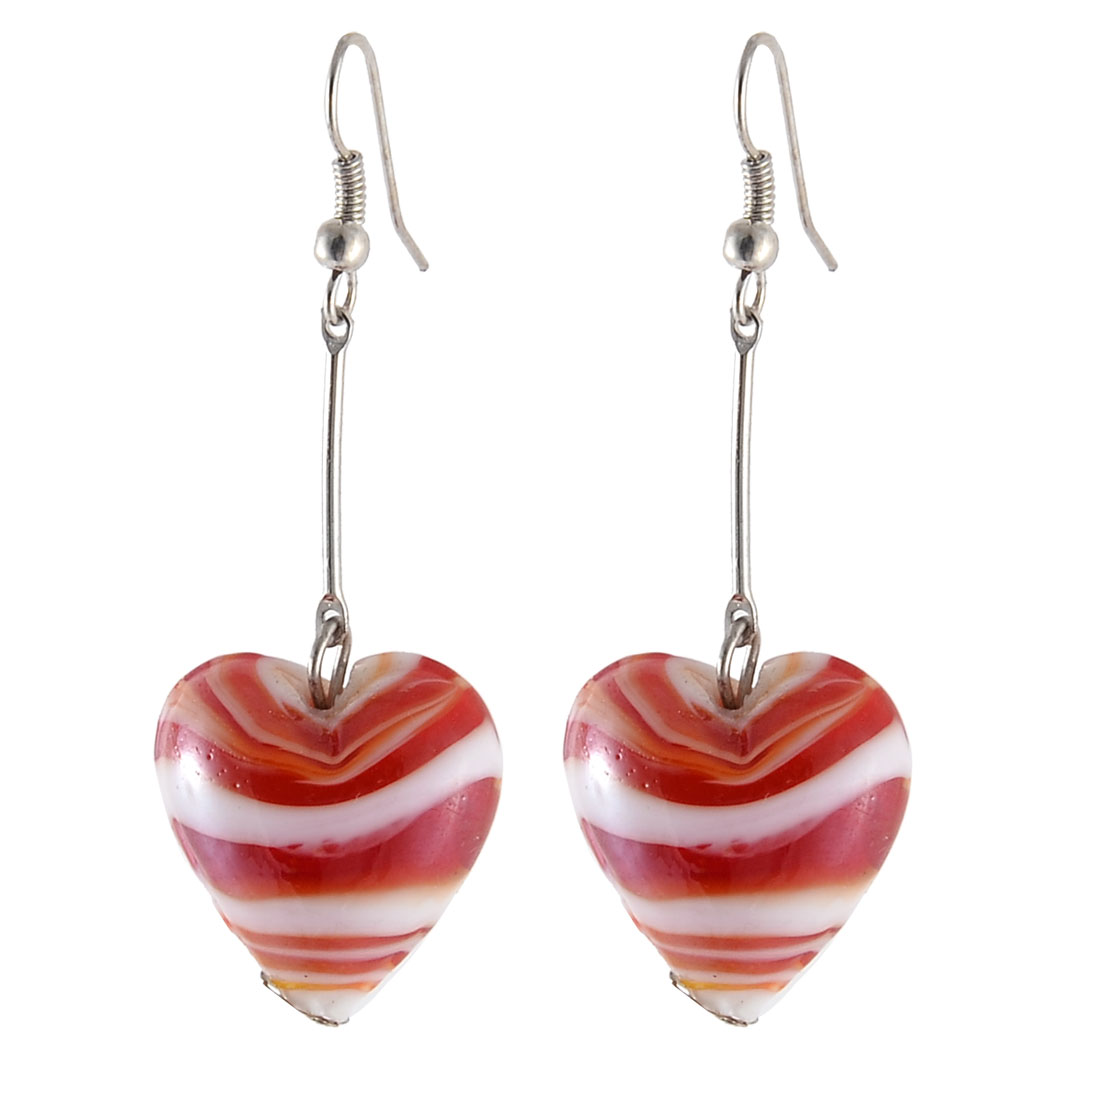 Women Decor Glass Bead Heart Pendant Handcraft Earring Ornament Red White Pair